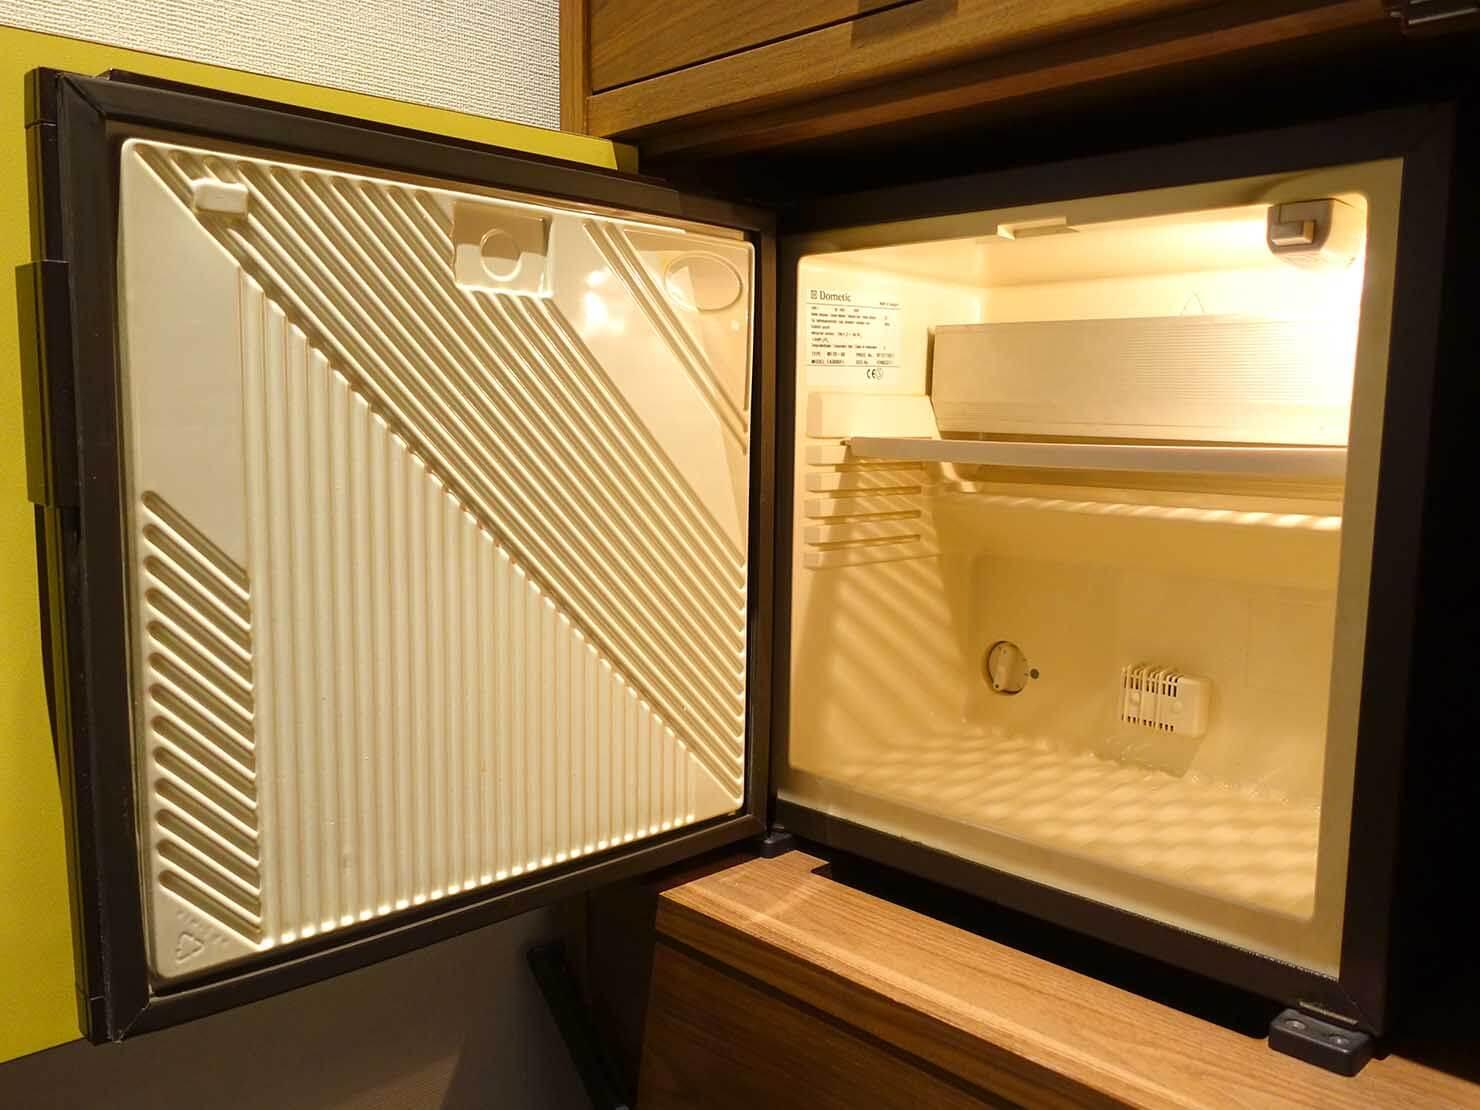 福岡・中洲川端にあるおしゃれなおすすめホテル「THE LIVELY」スタンダードダブルのミニ冷蔵庫